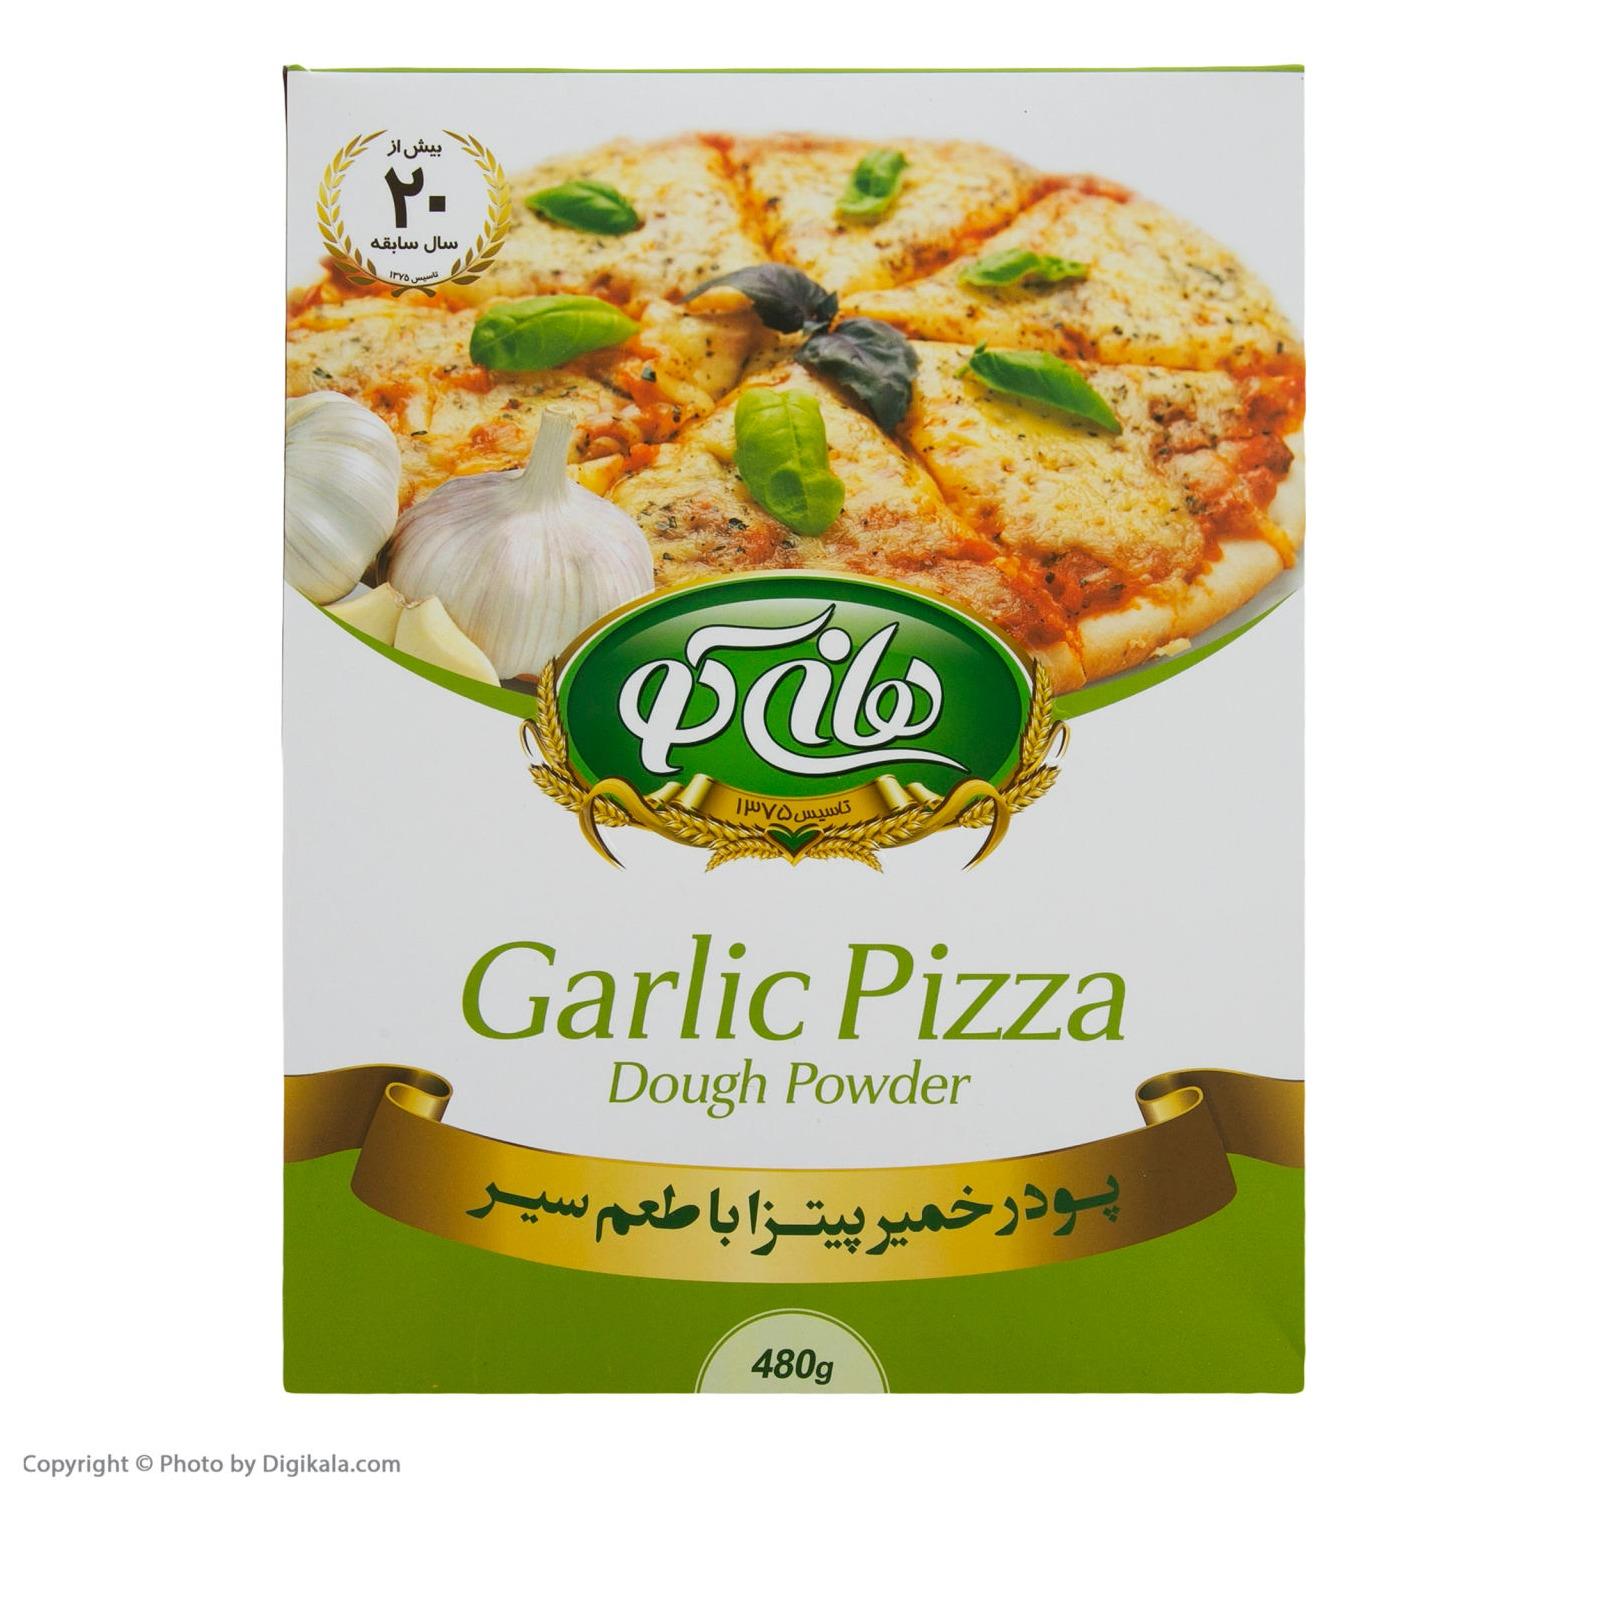 پودر خمیر پیتزا با طعم سیر هانی کو